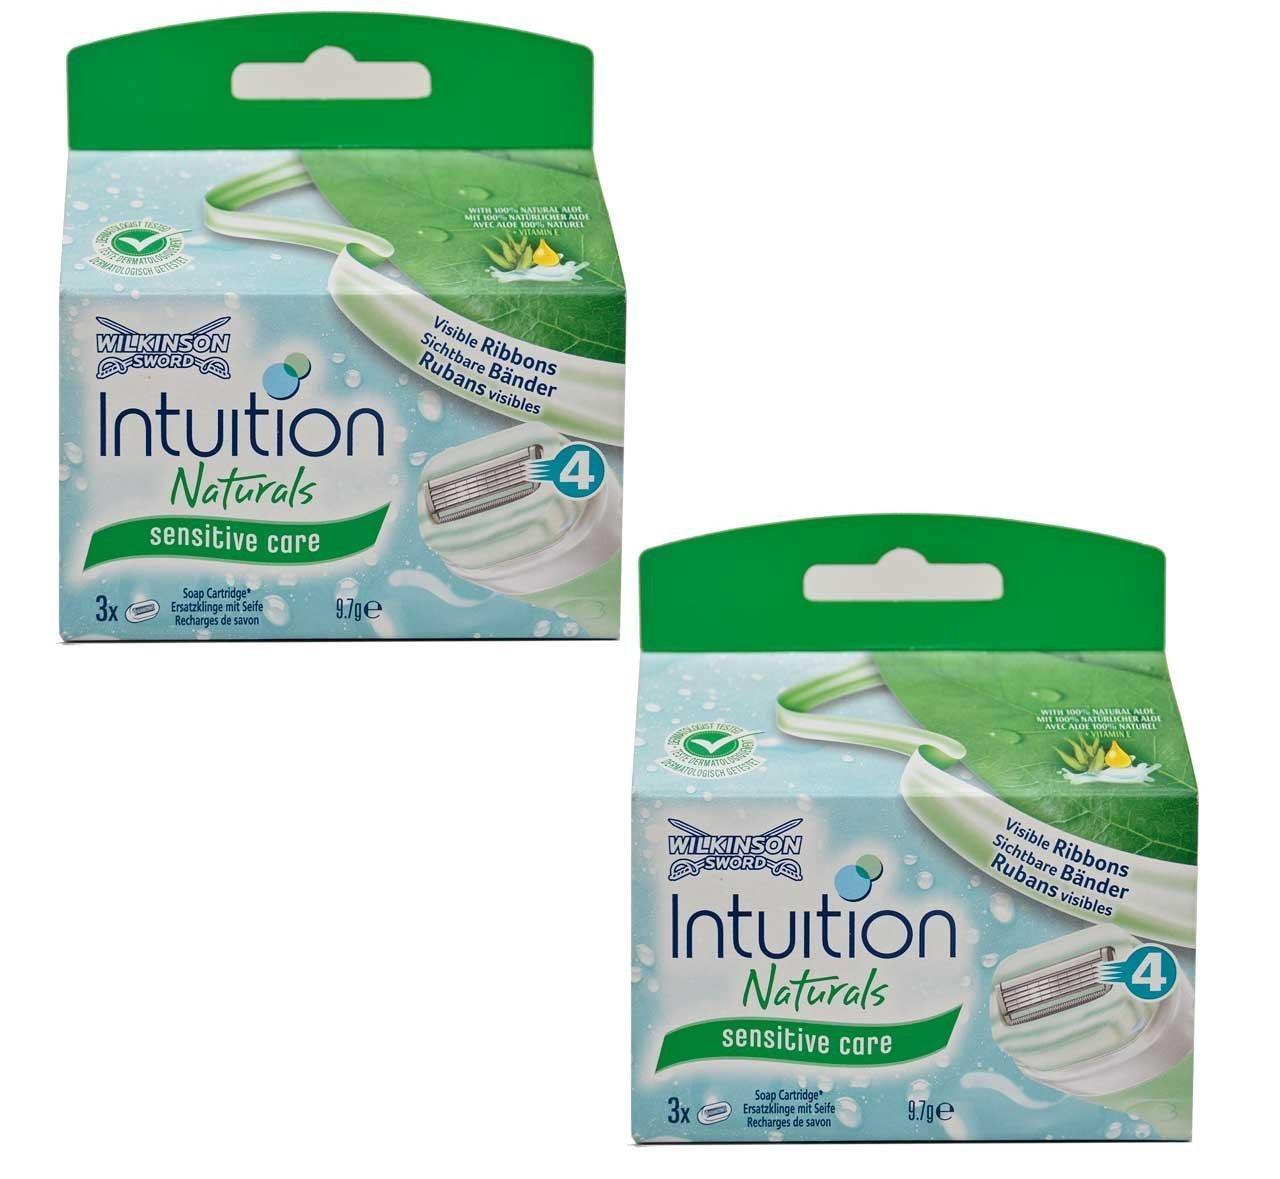 2x Wilkinson Intuition Naturals Sensitiv Care 3cuchillas de afeitar con jabón y Aloe Wilkinson Sword